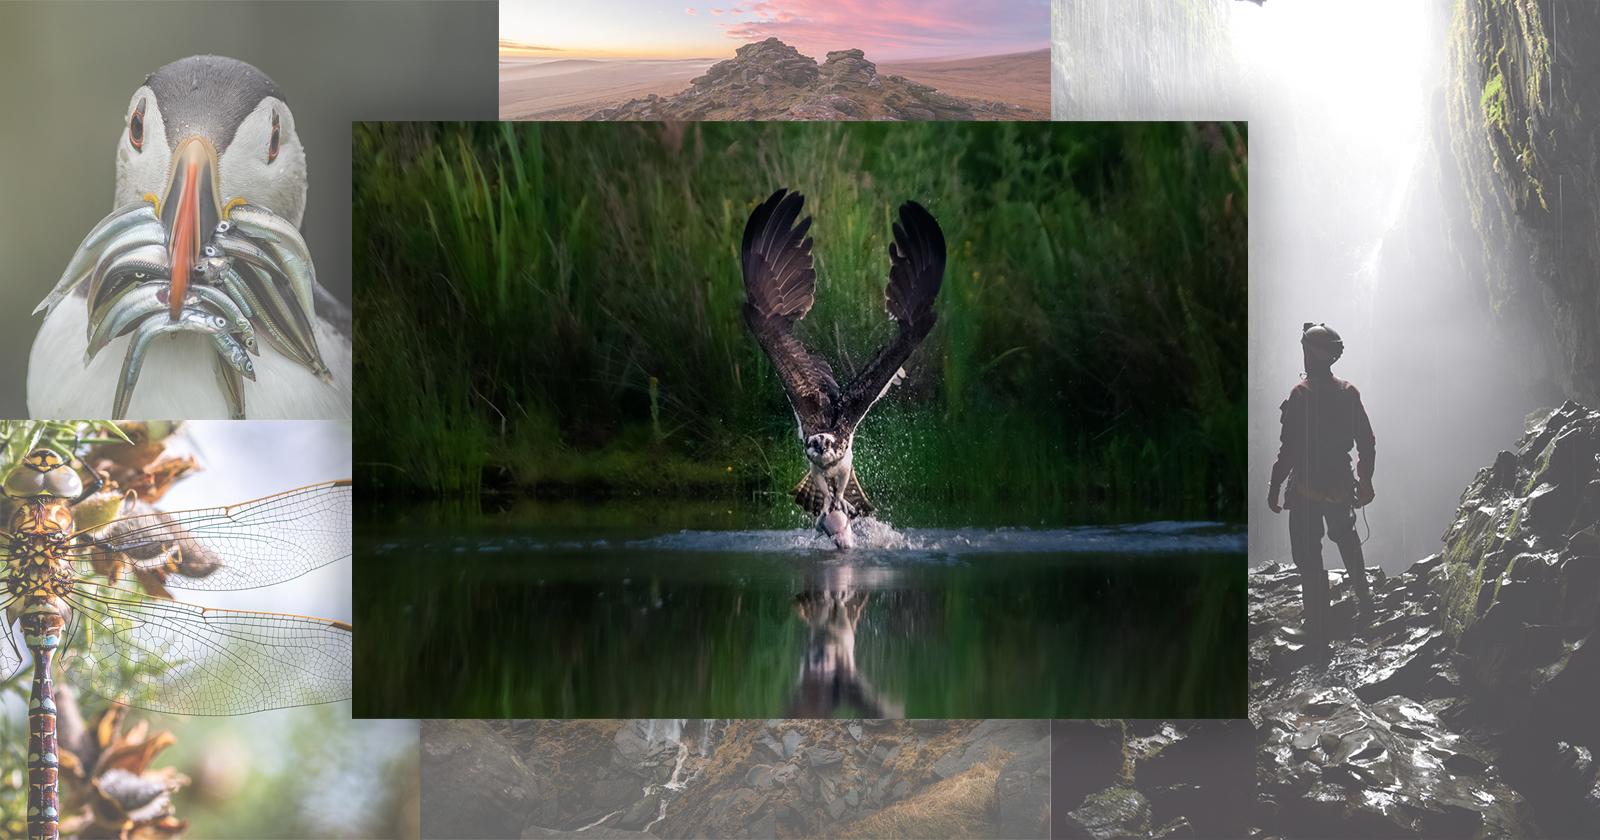 El segundo disparo de un águila pescadora gana el concurso de fotografía de los parques nacionales